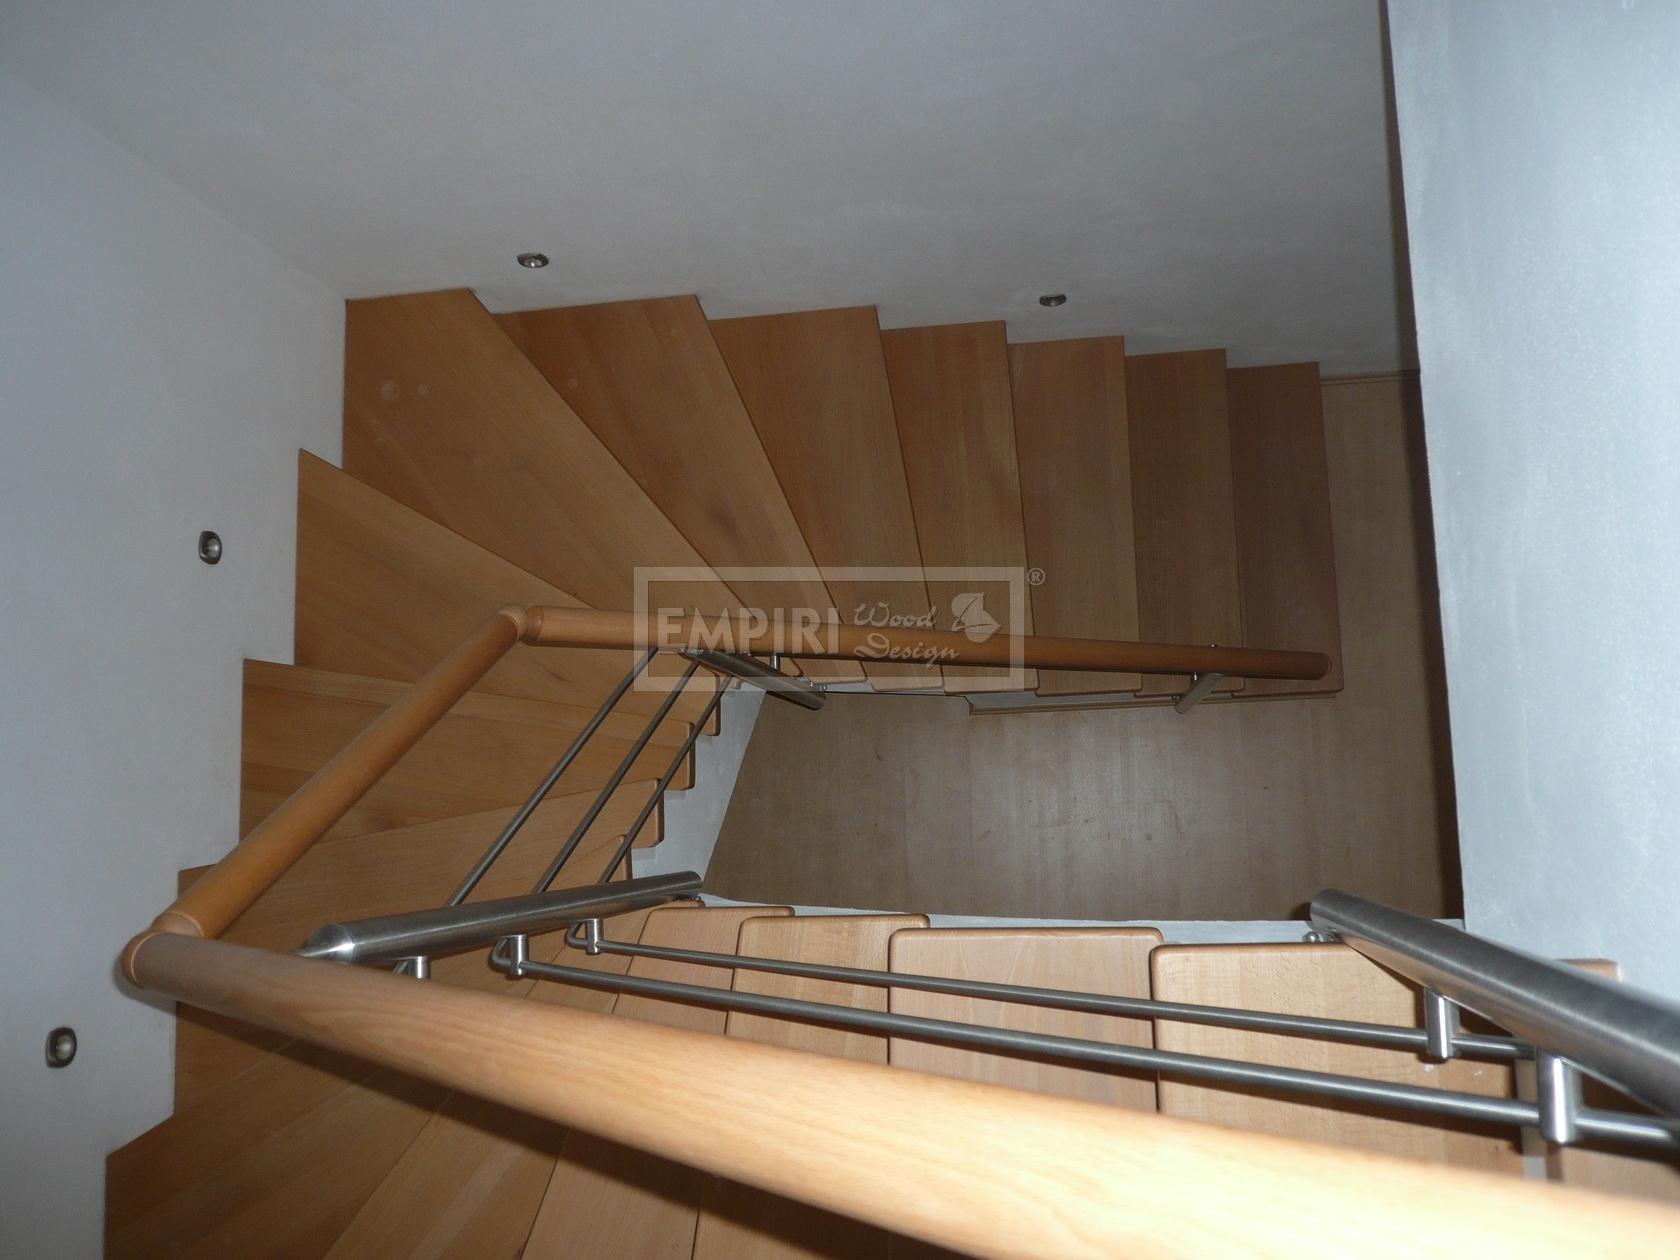 ... stránka » Dřevené schody » Masivní schody » Masivní schody BUK